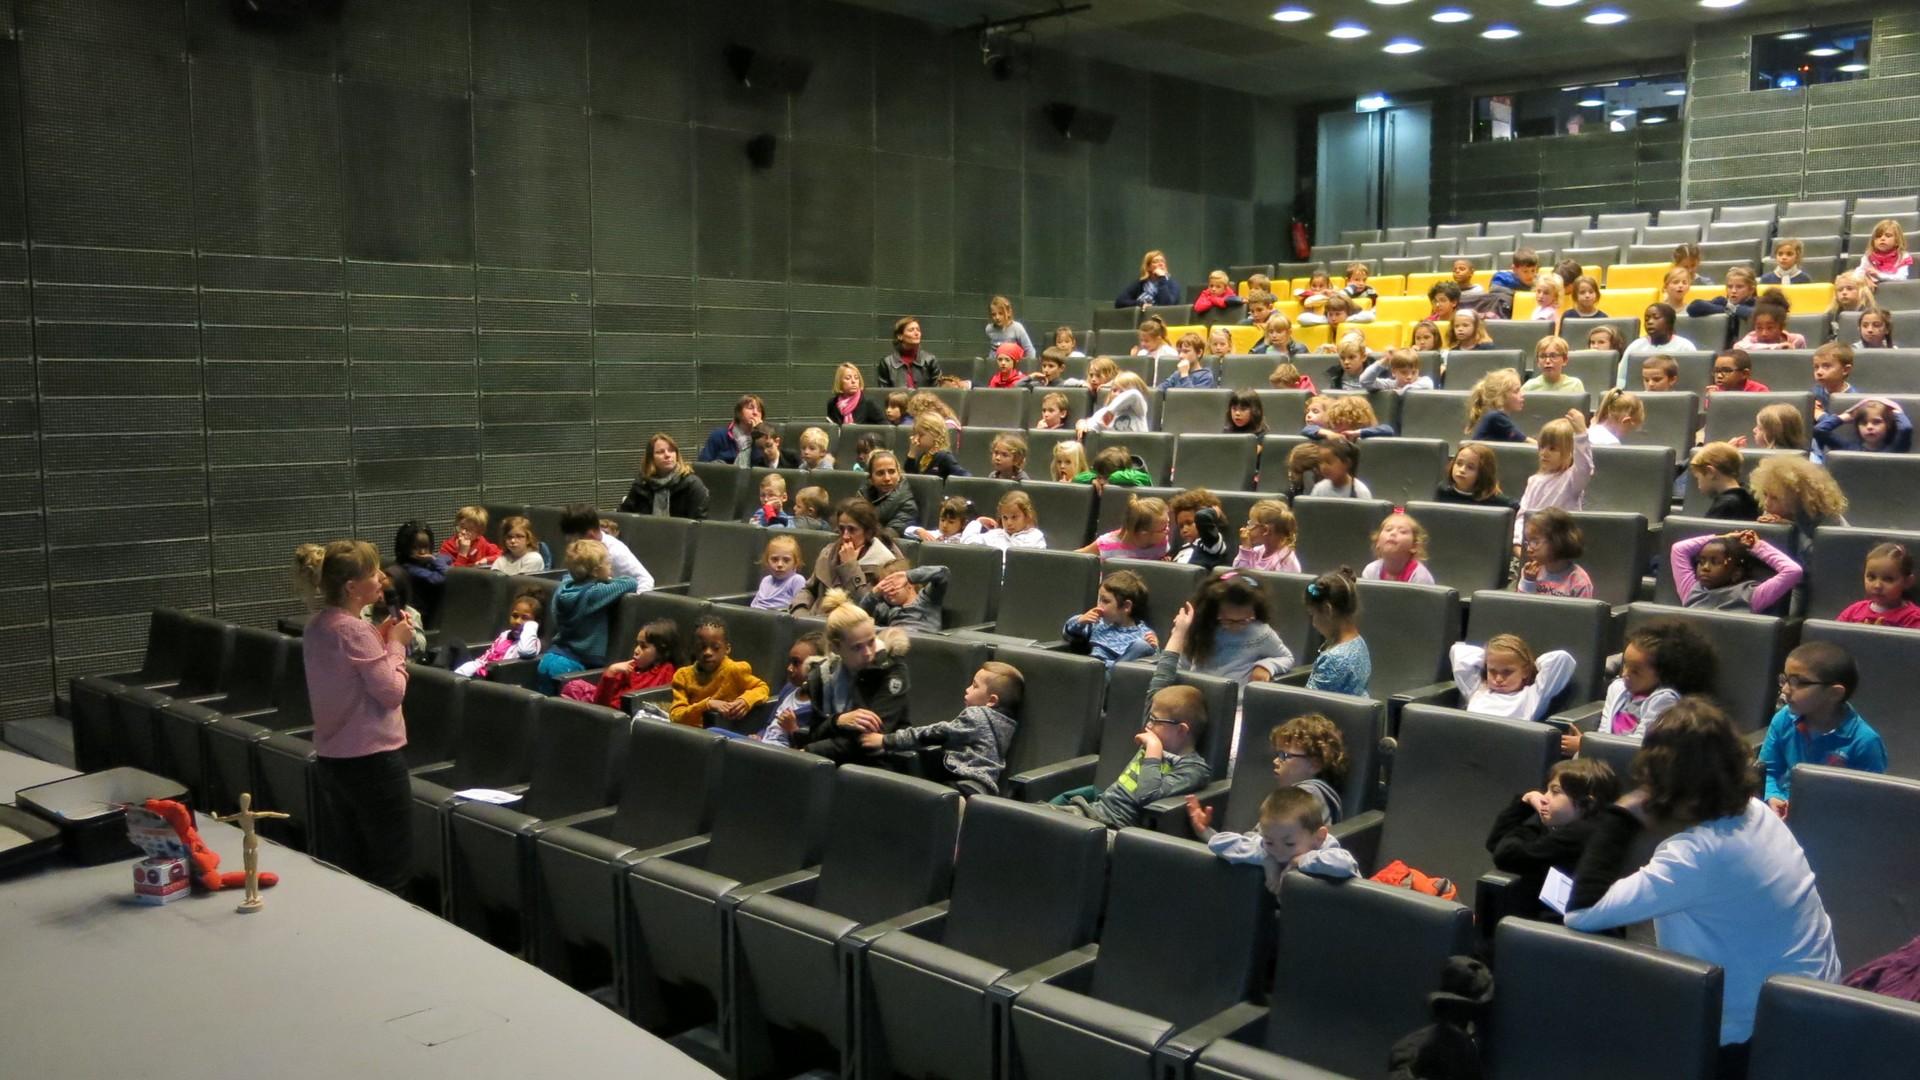 Projections scolaires Rencontres Audiovisuelles Lille